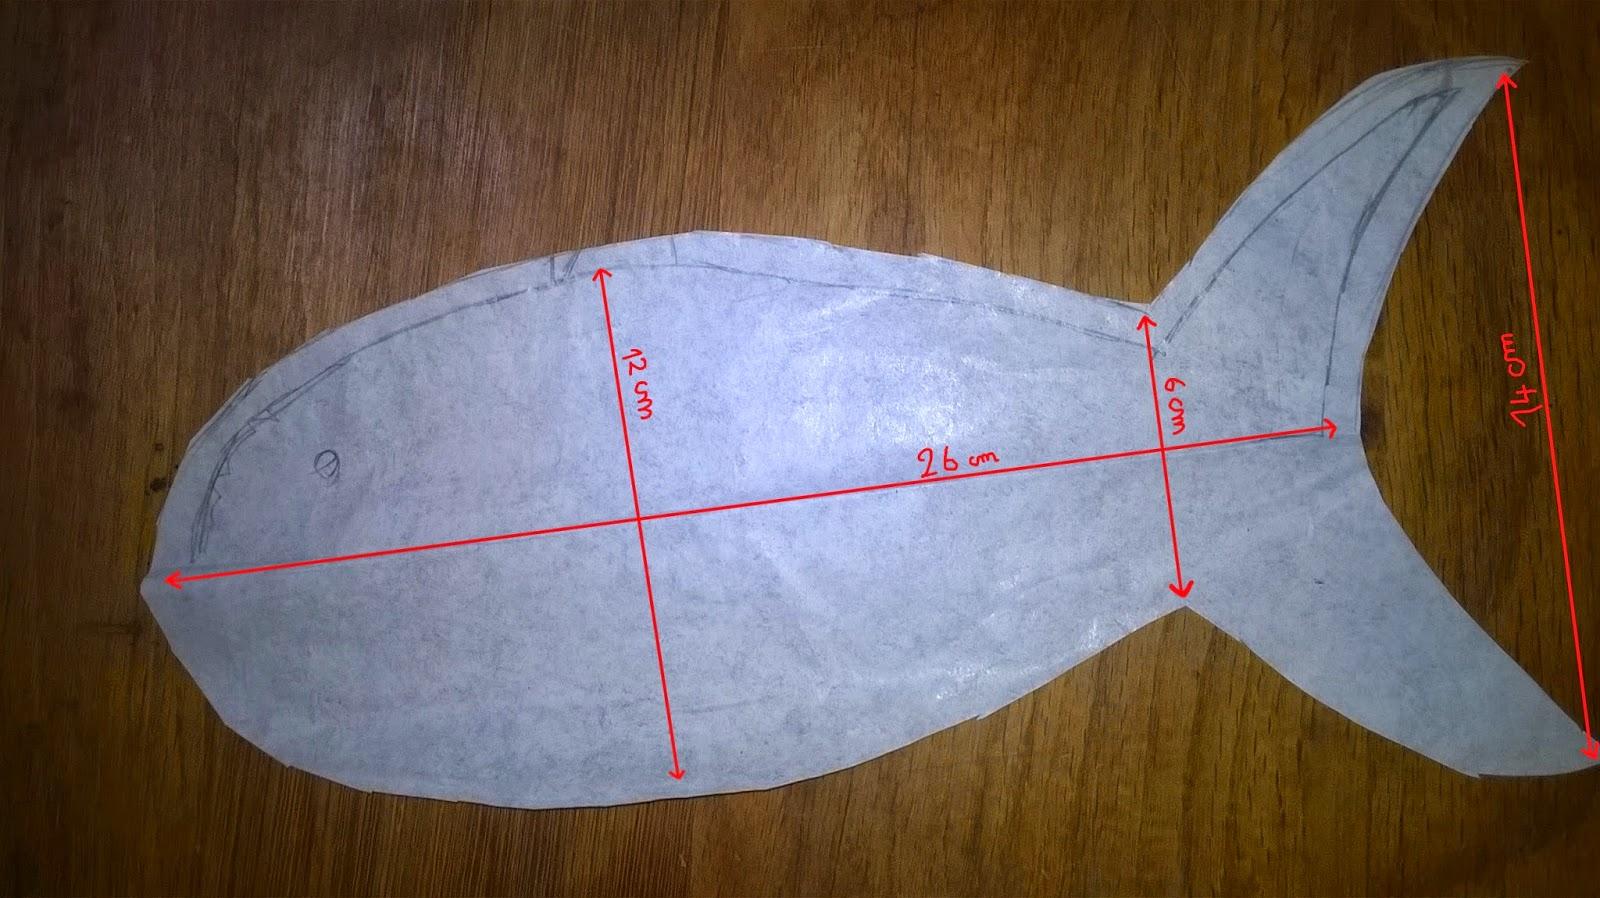 Monde j fabriquer une trousse requin - Comment fabriquer une coupe du monde en papier ...